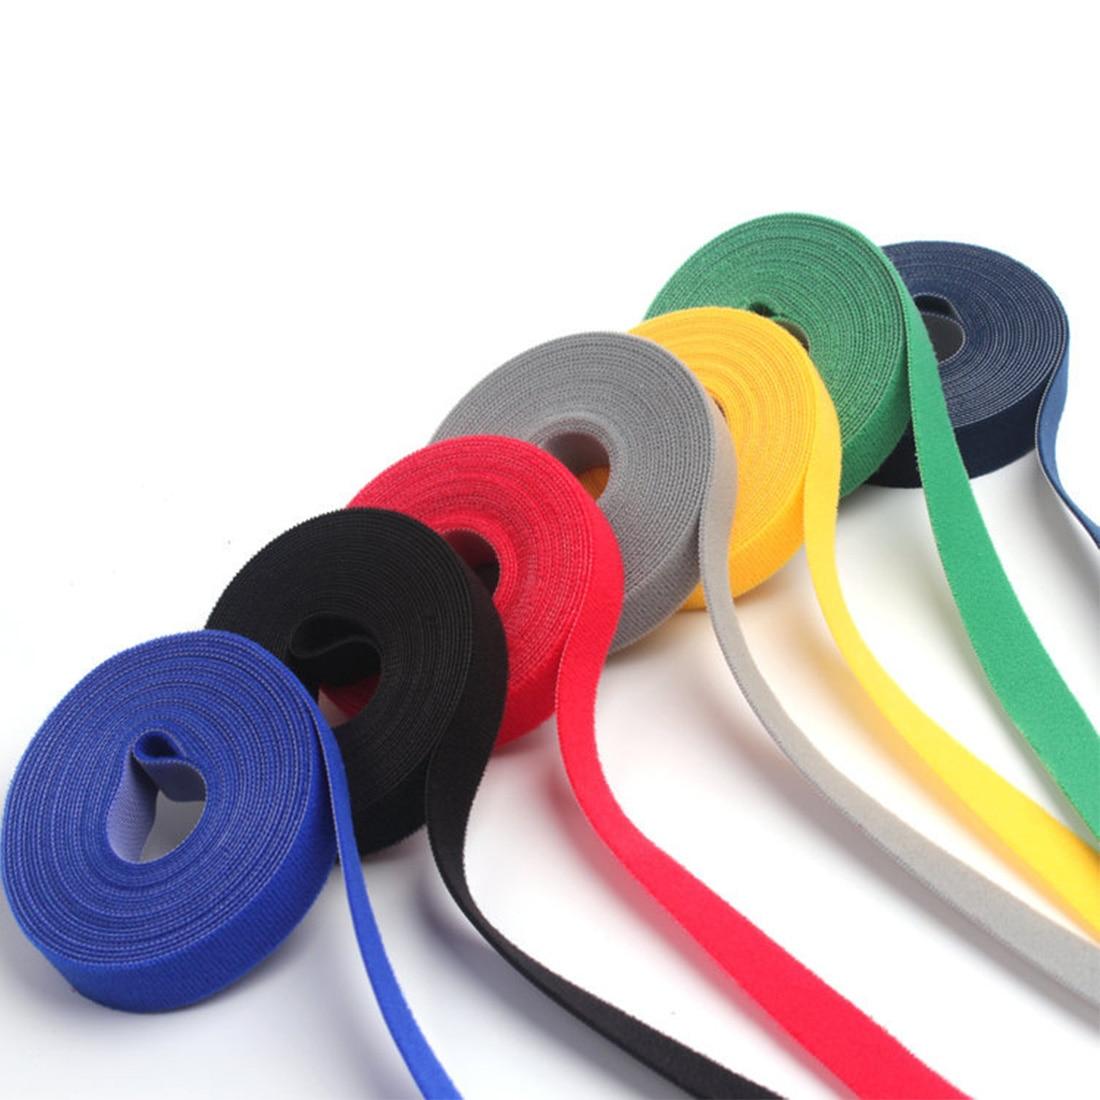 Многоцветная застежка многоразовая волшебная лента крюк Питания Провод петля лента нейлоновые ремни нейлоновые кабельные стяжки 1 см * 5 м